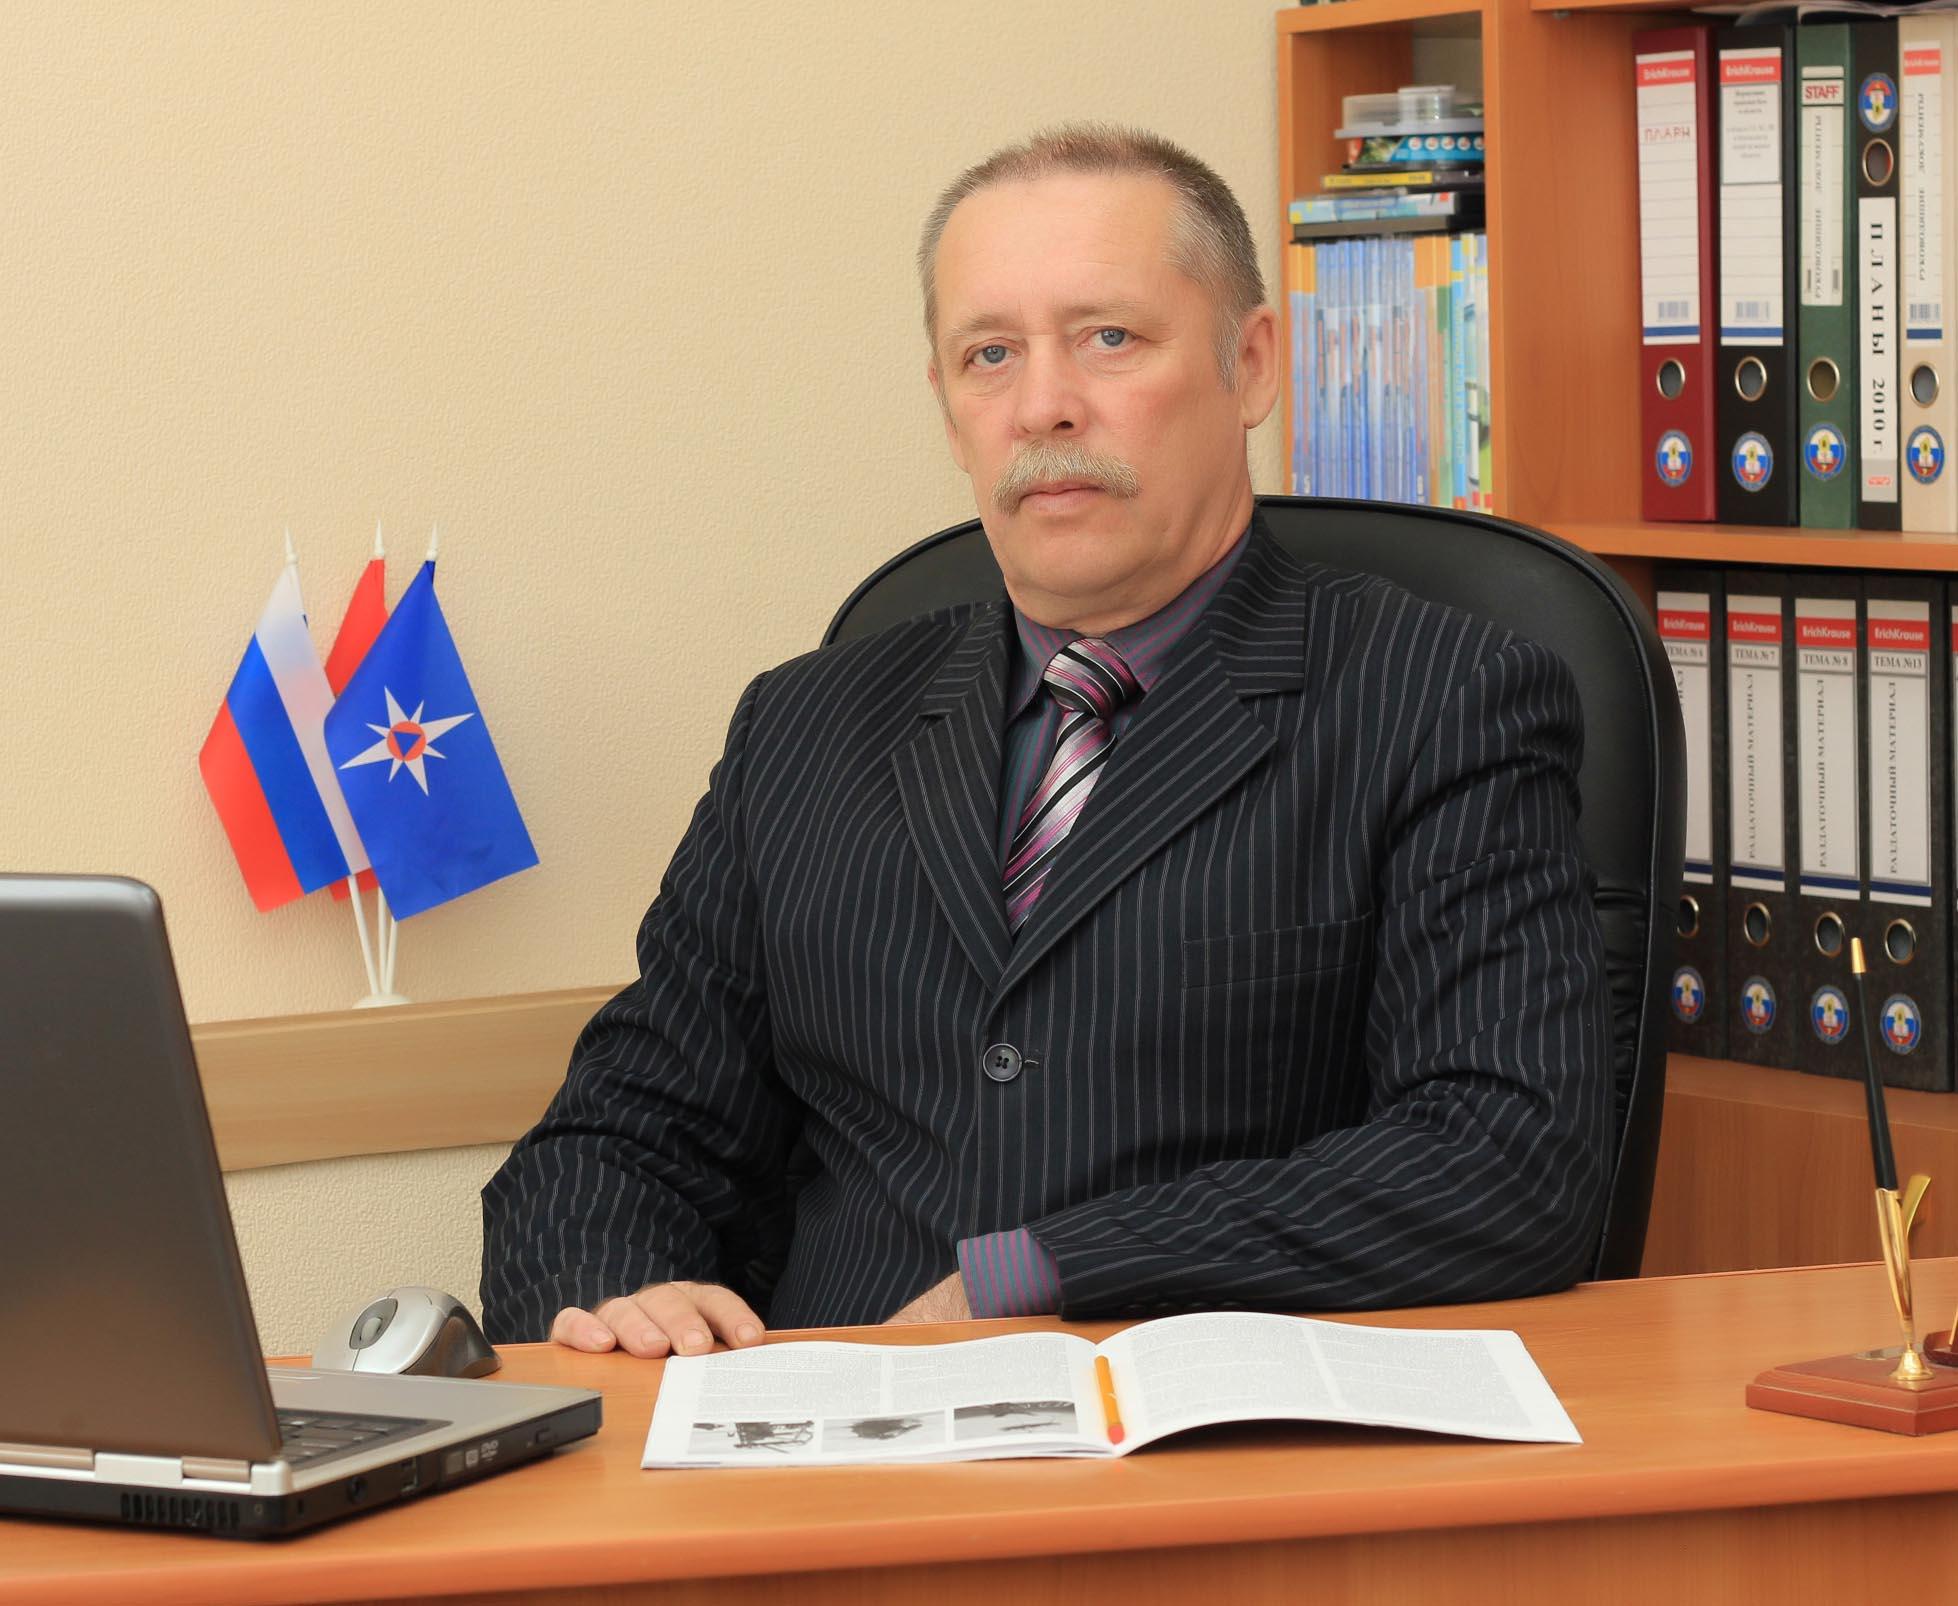 Мартынов Александр Николаевич